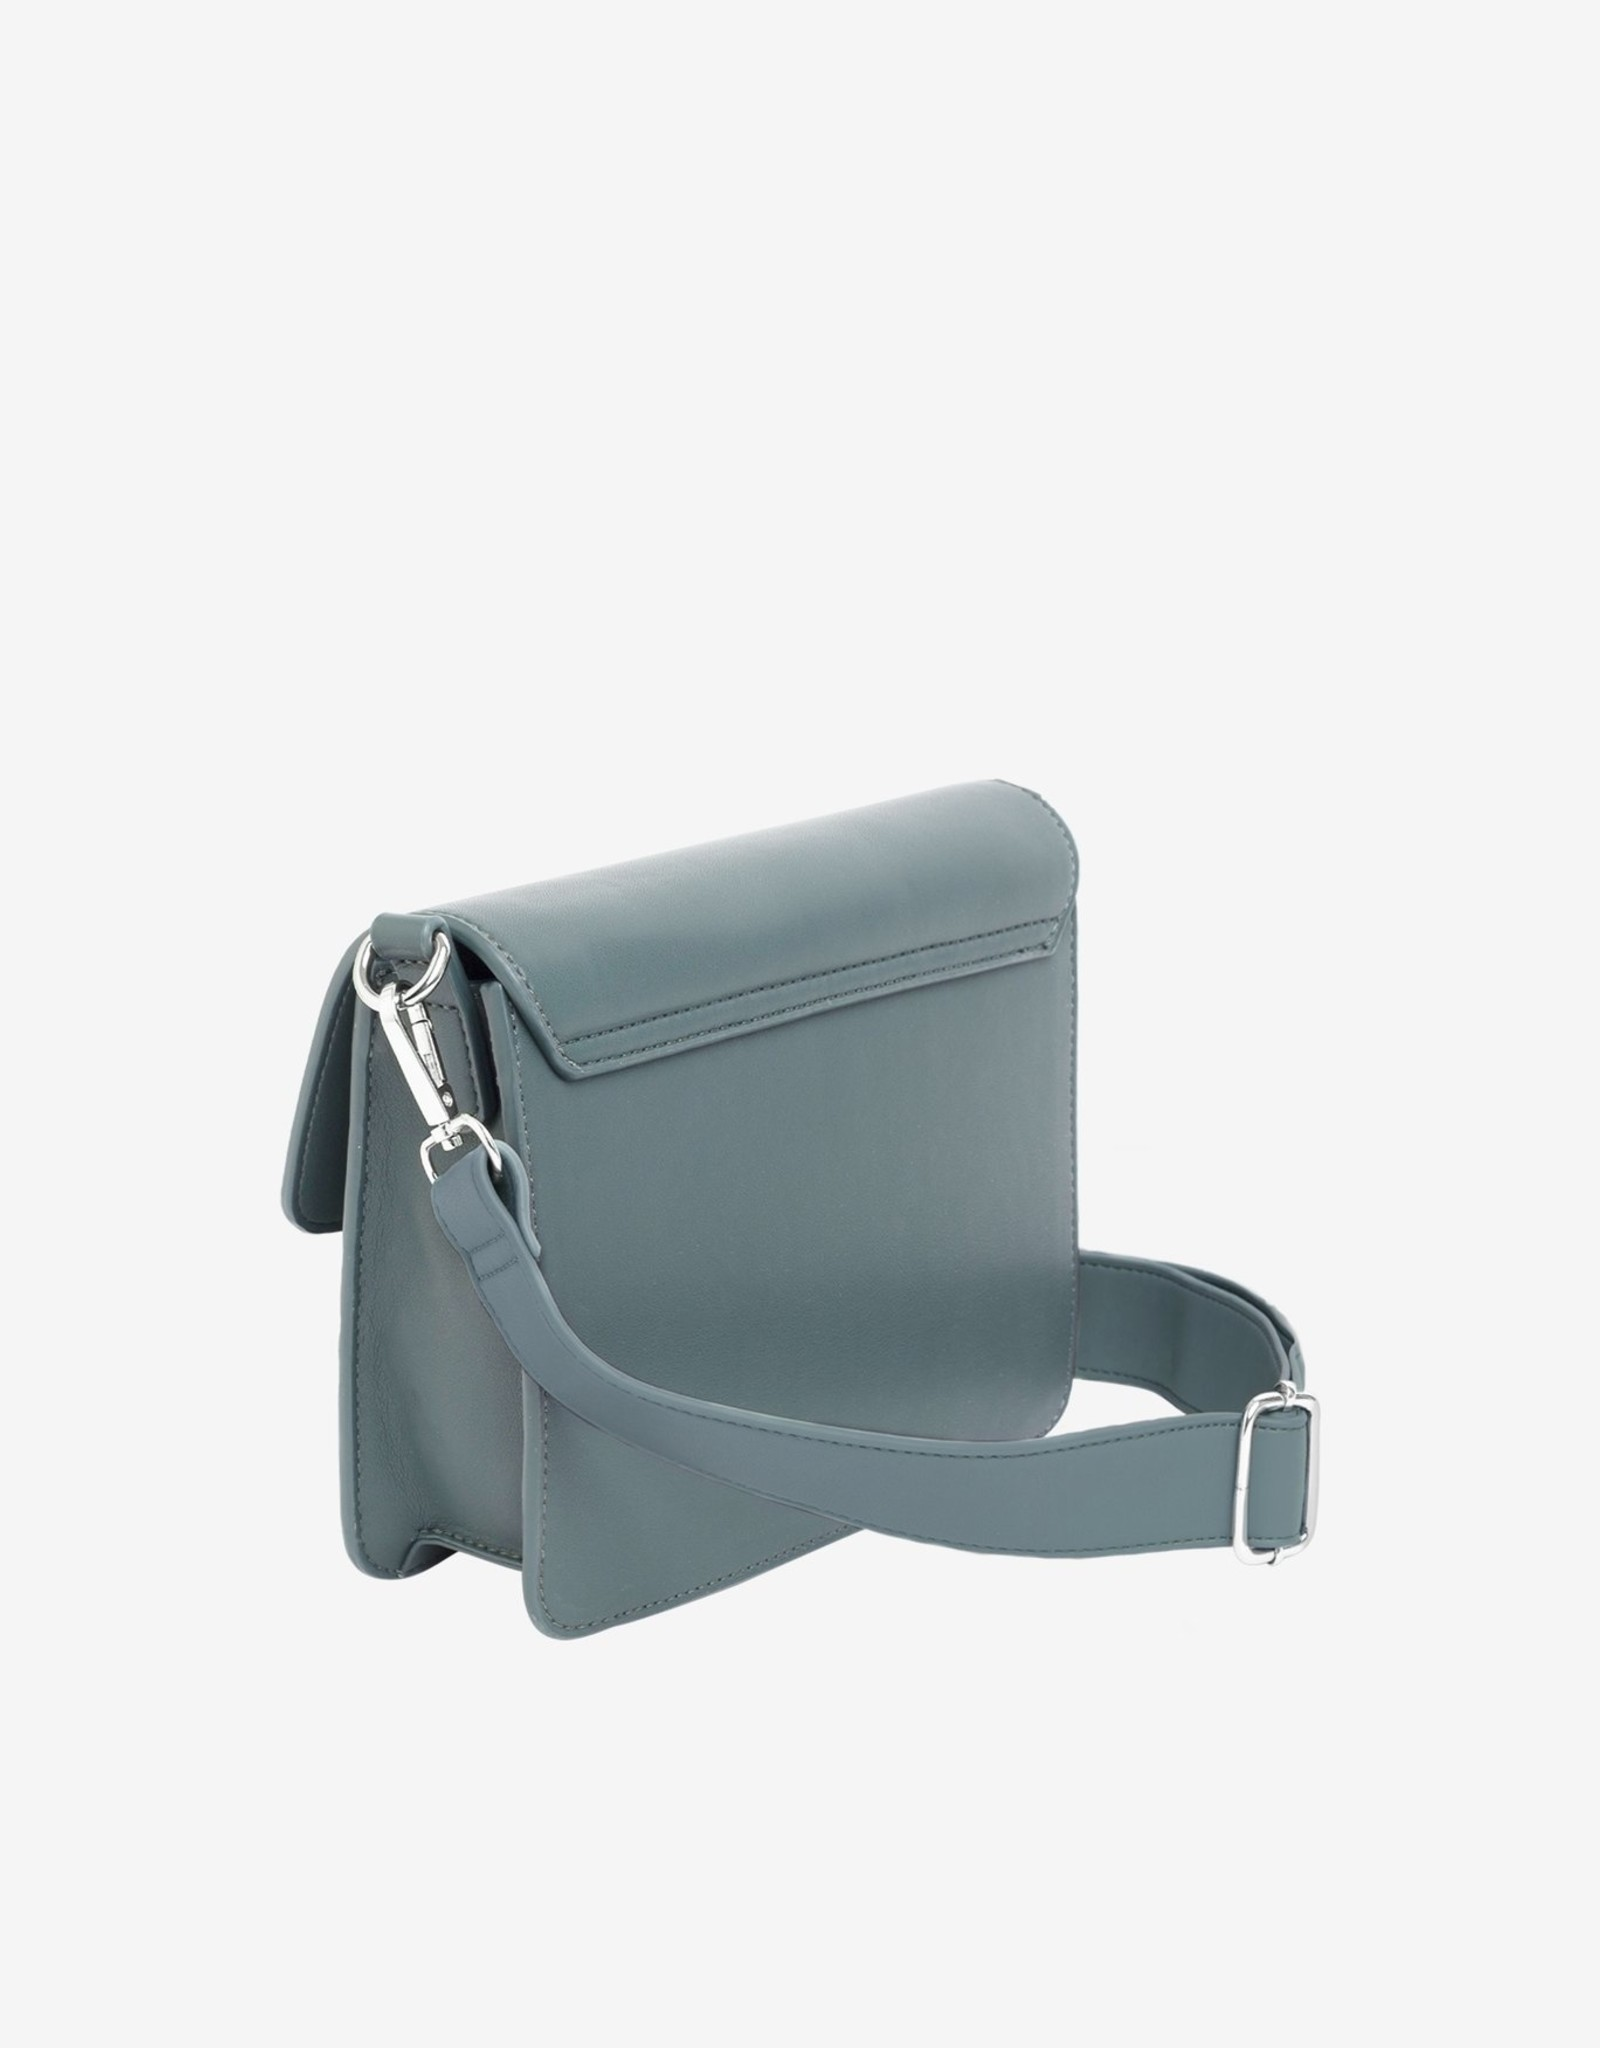 HVISK Handtas 'Cayman Pocket Soft' - Groen - Hvisk